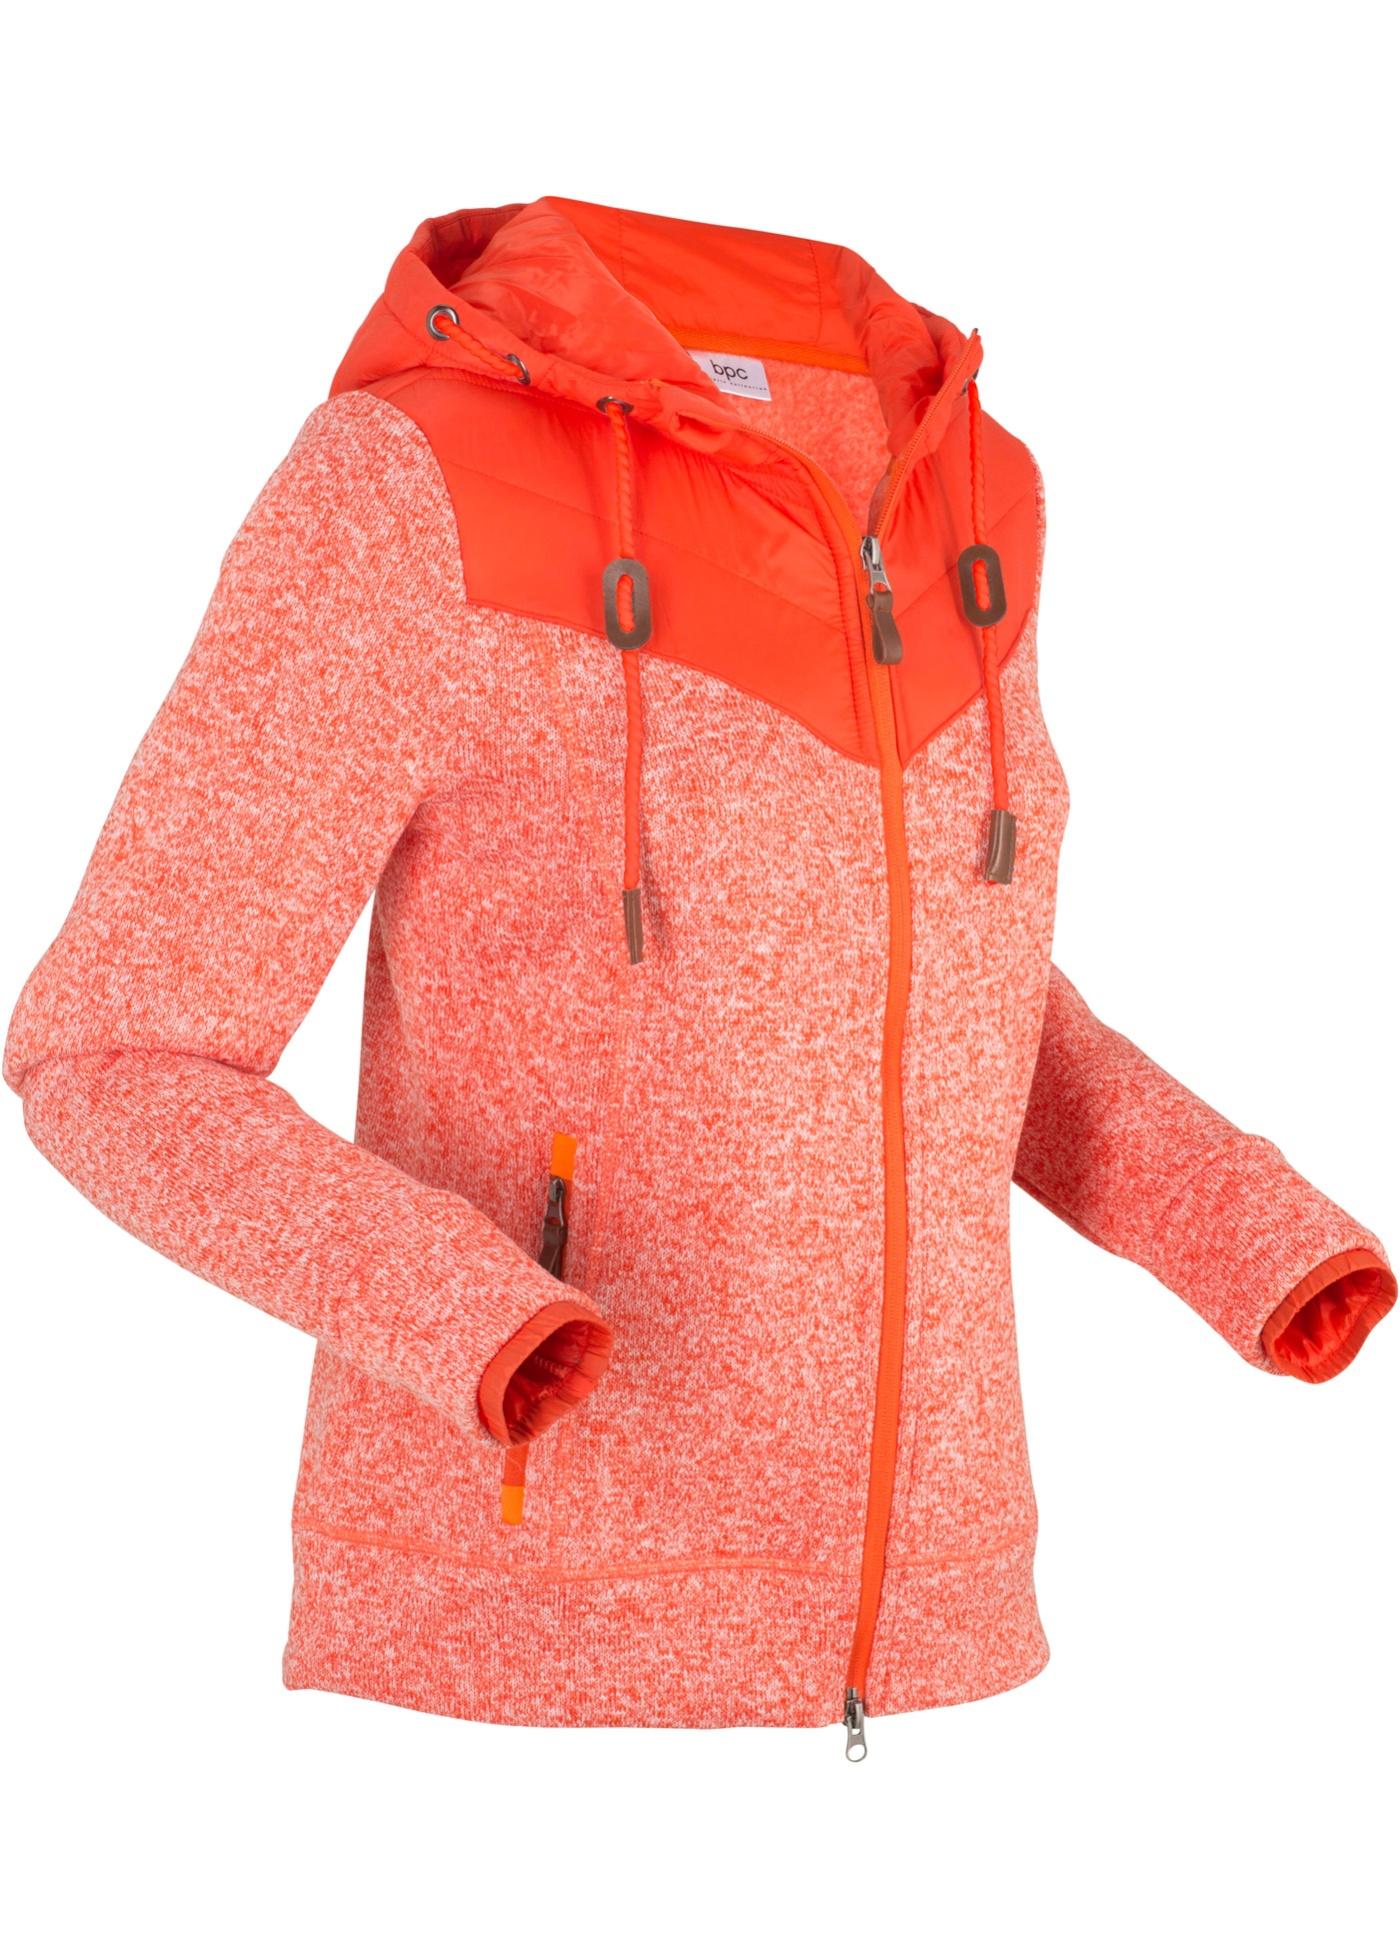 Longues CollectionVeste Pour Polaire Femme Manches Bpc Orange Bonprix T3FlK1cJ